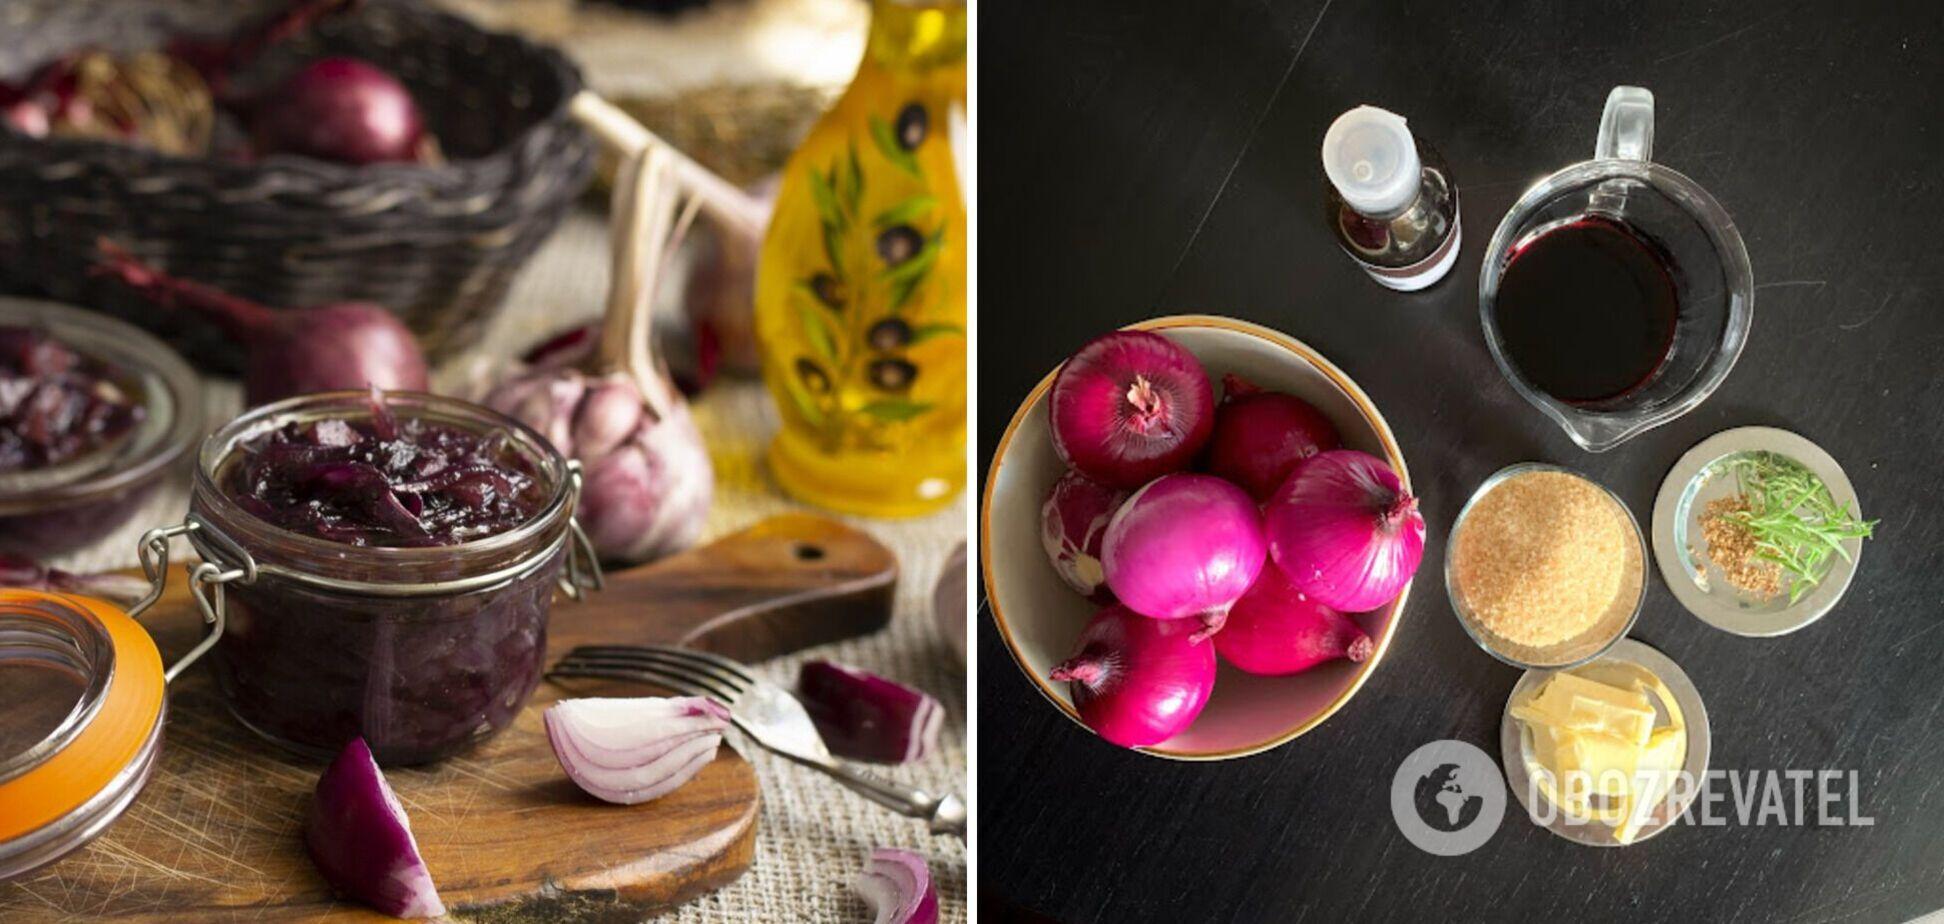 Цибулевий конфітюр – бездоганний соус: експерт поділилася рецептом і порадами